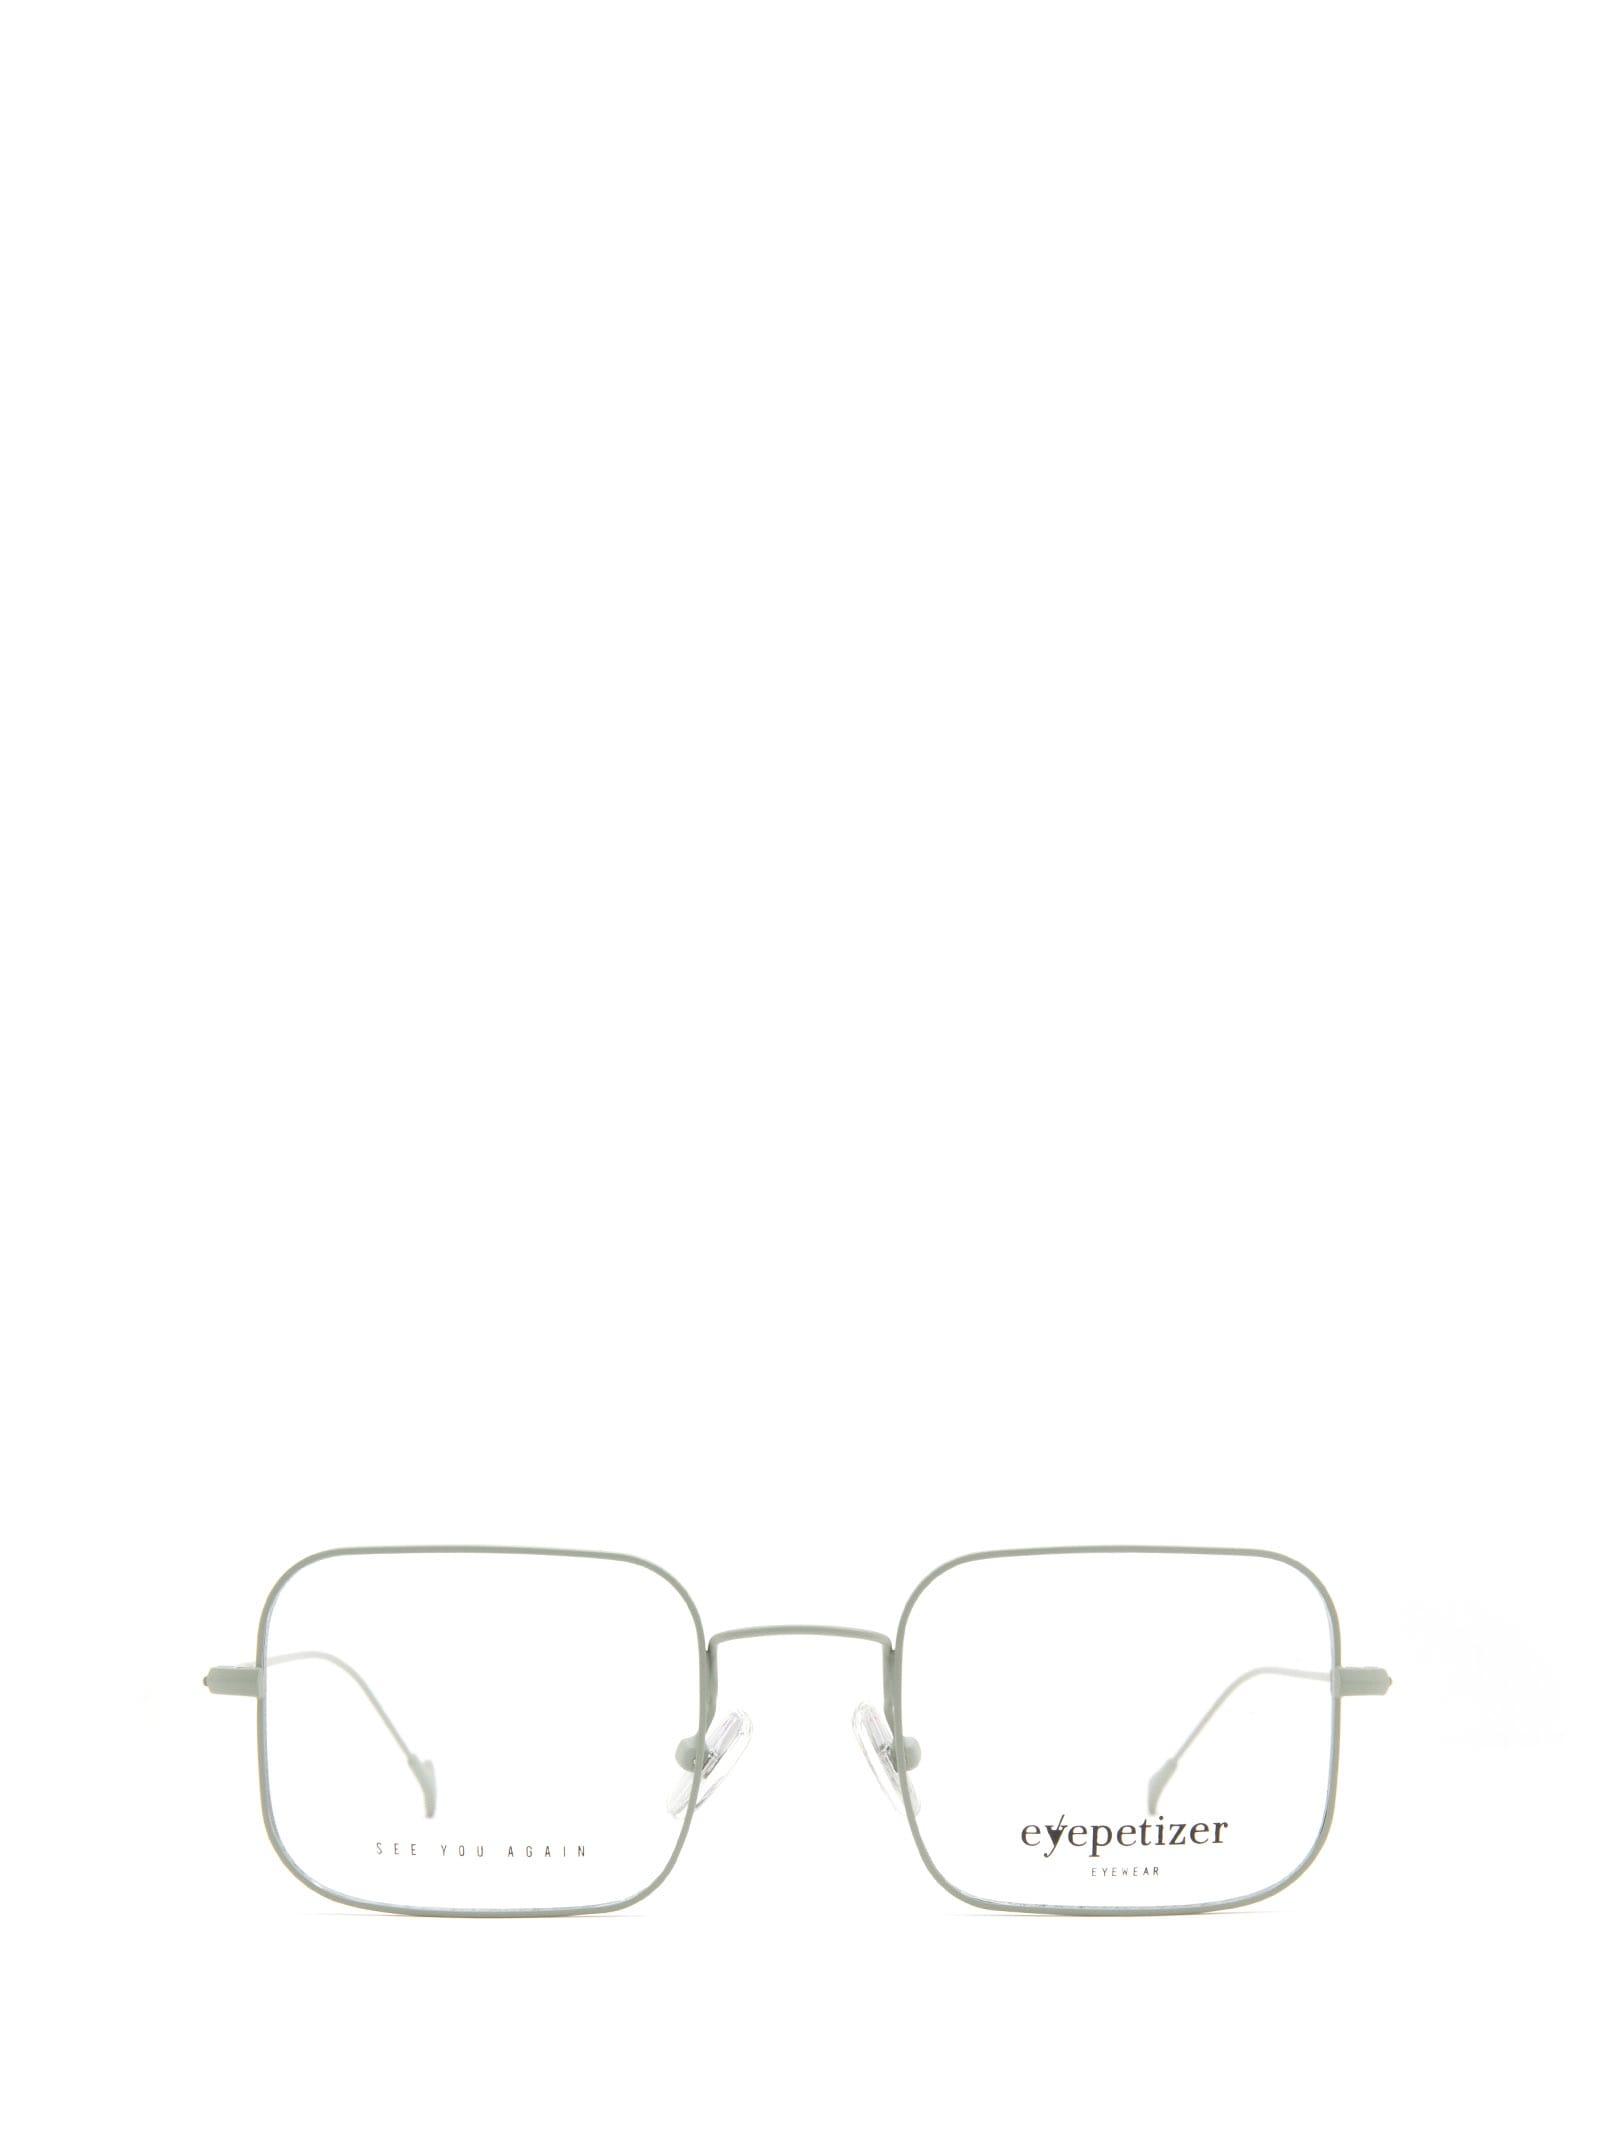 Eyepetizer Eyepetizer Brando C 10 Glasses